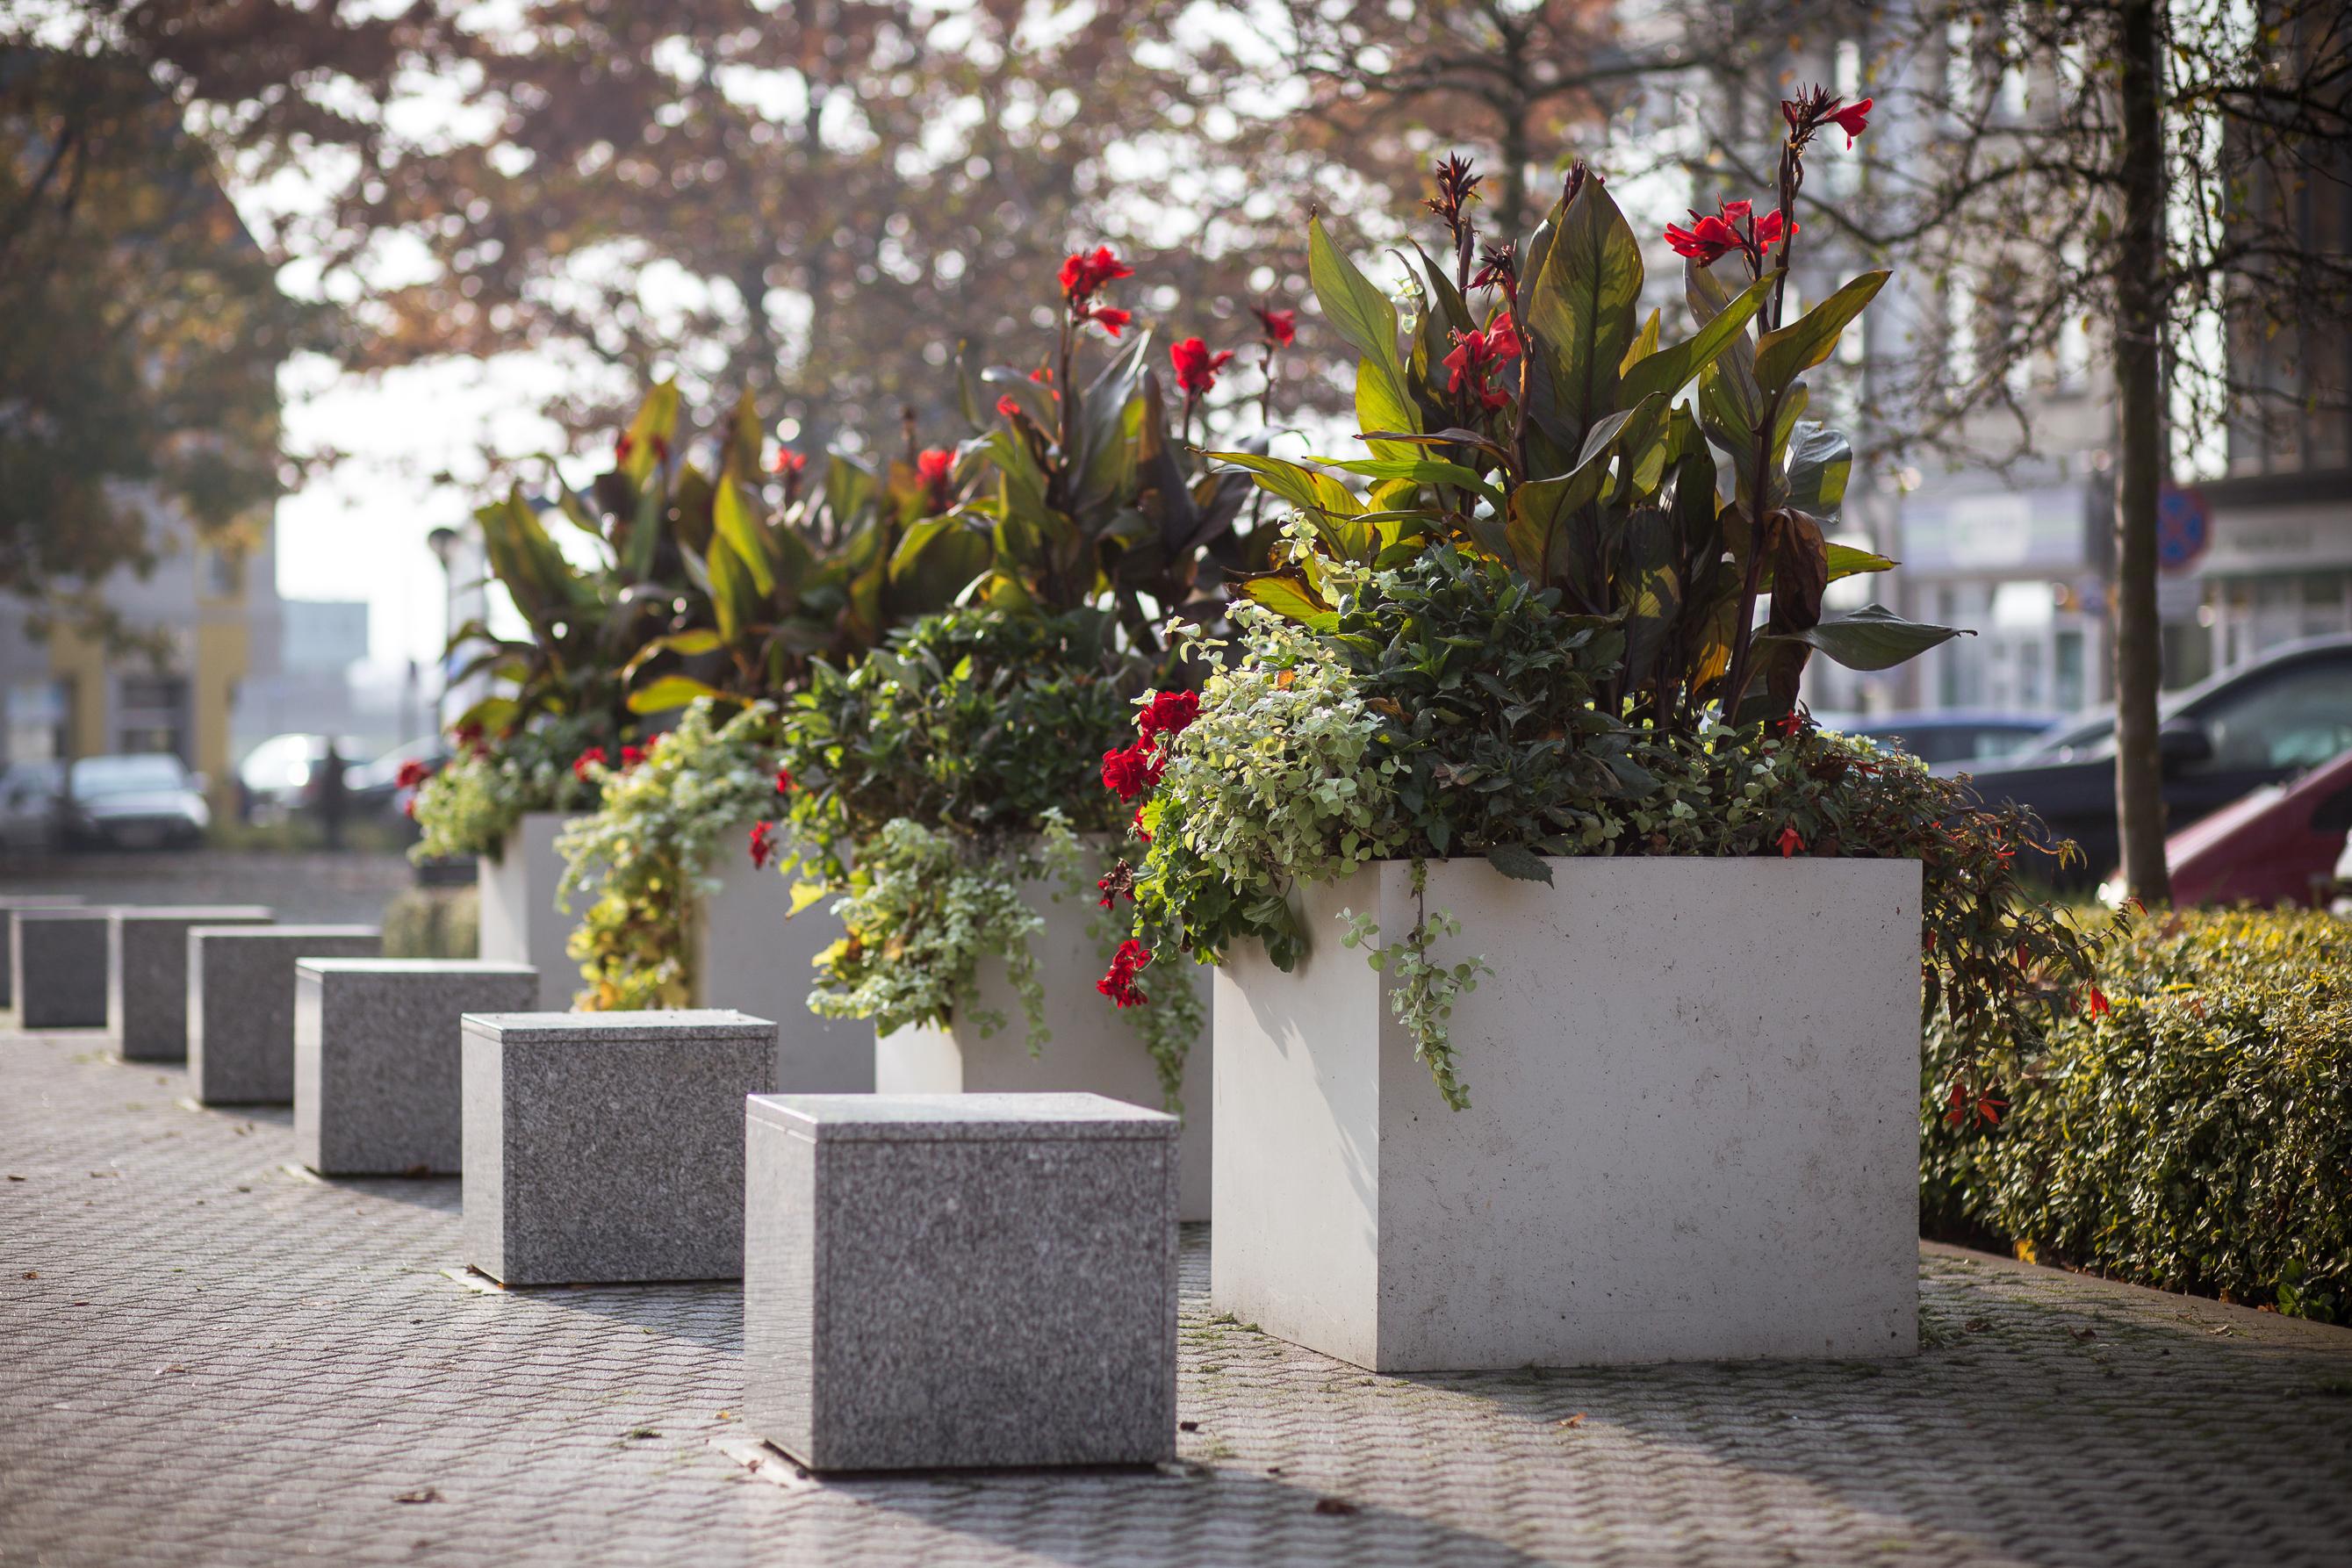 jesienne dekoracje miejskie wieże kwiatowe donice terra Świnoujście (6)